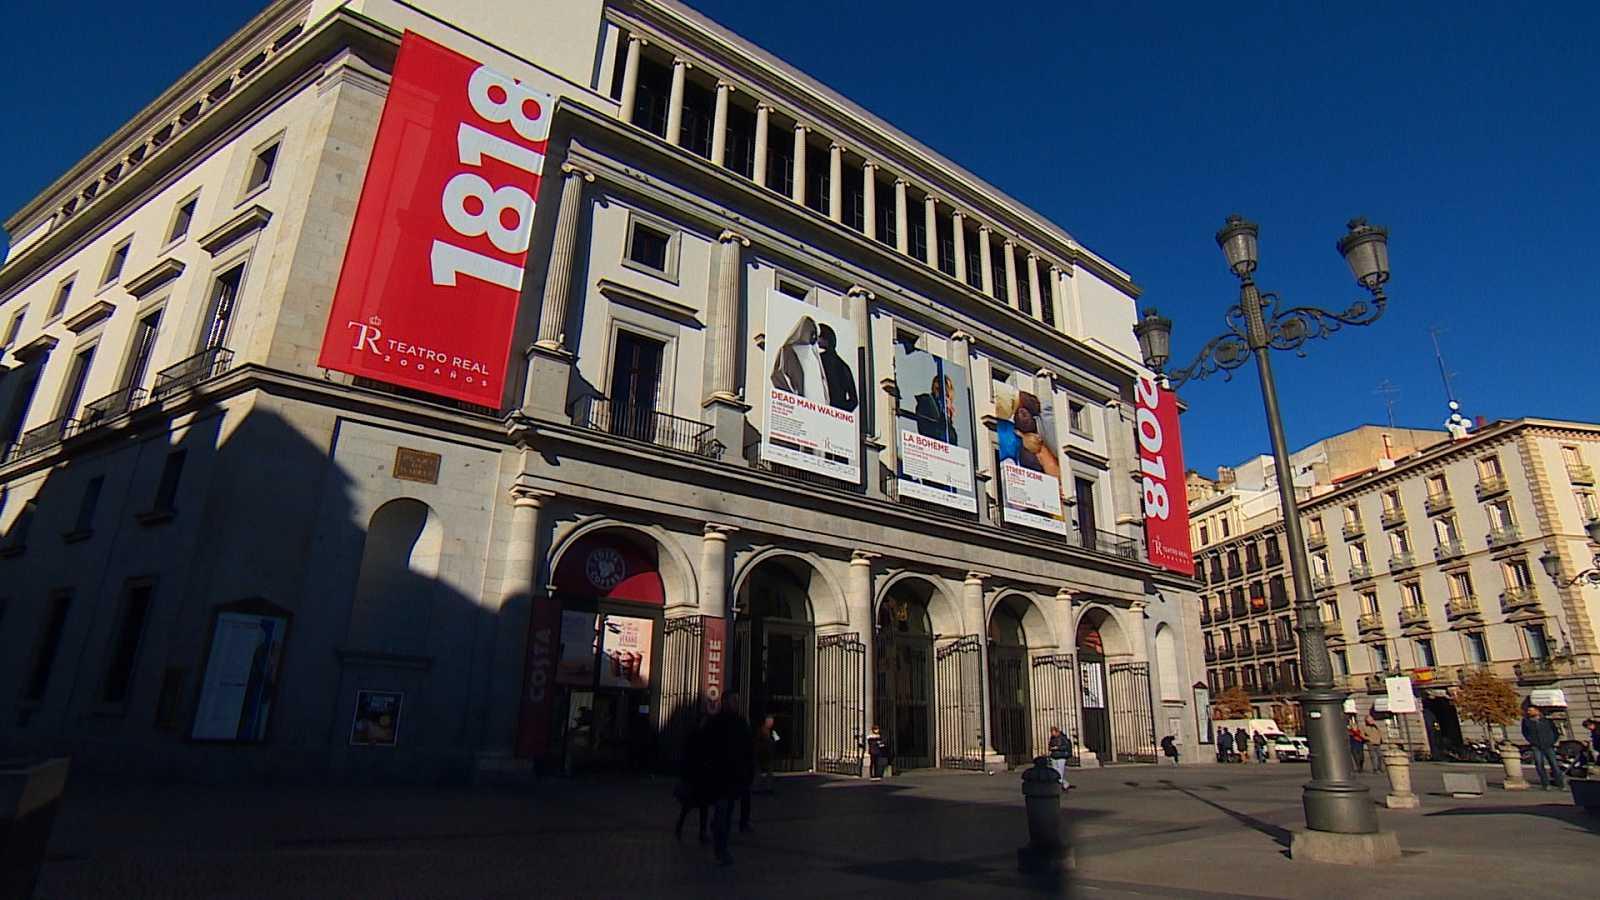 Crónicas - Teatro Real: las mejores notas - ver ahora